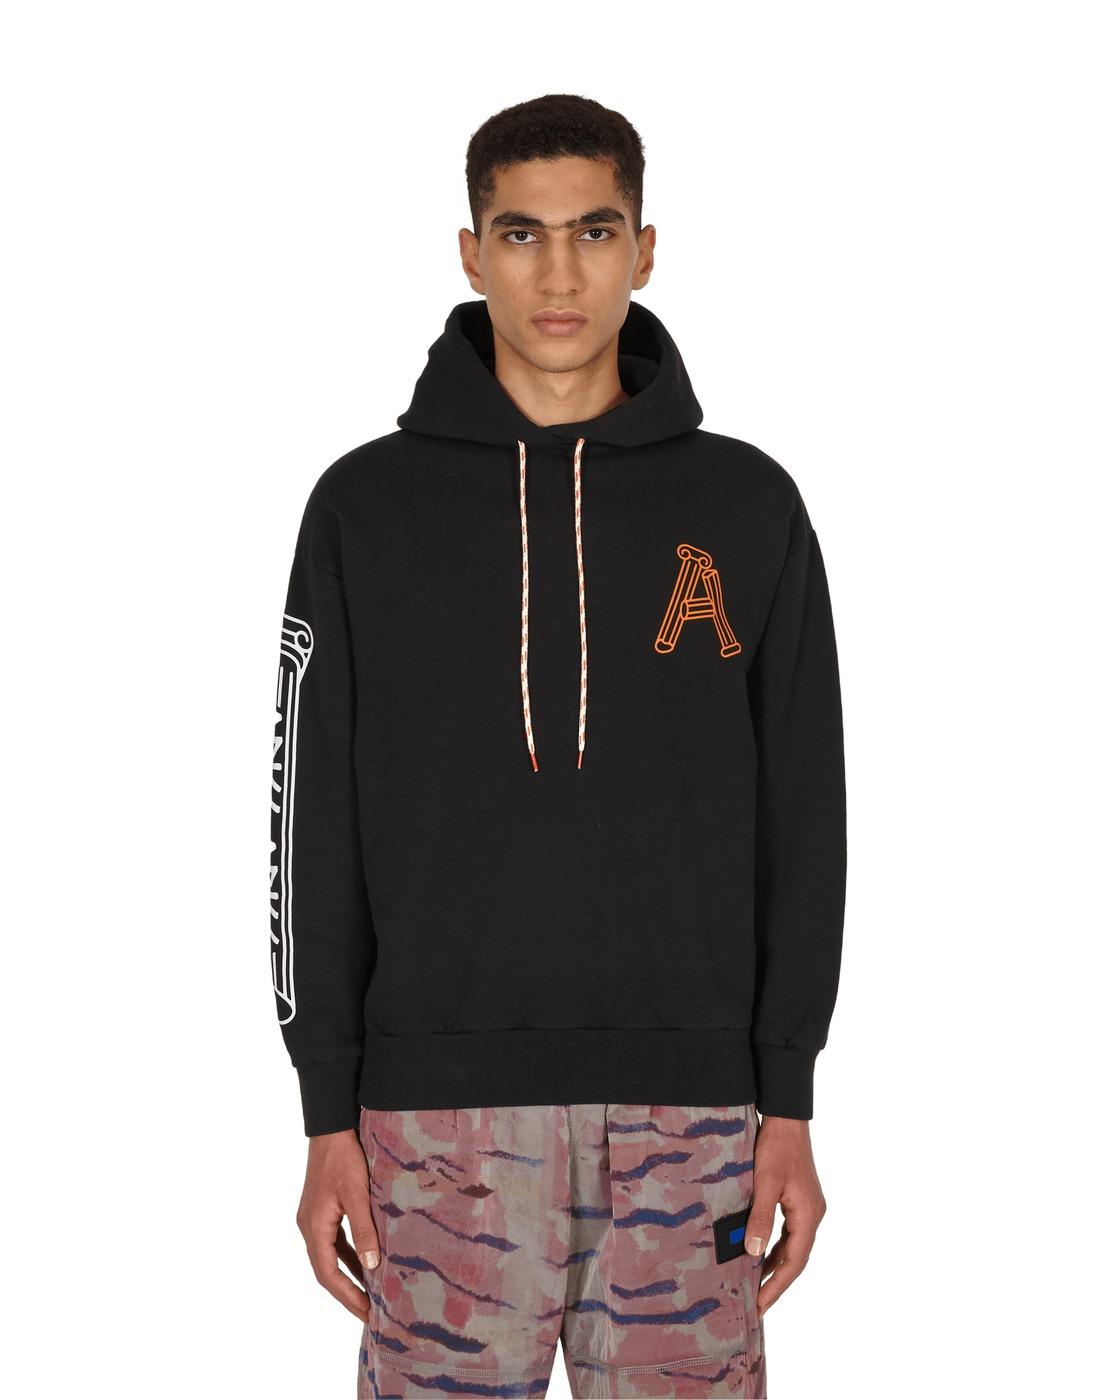 Photo: Aries Greek Column Hooded Sweatshirt Black